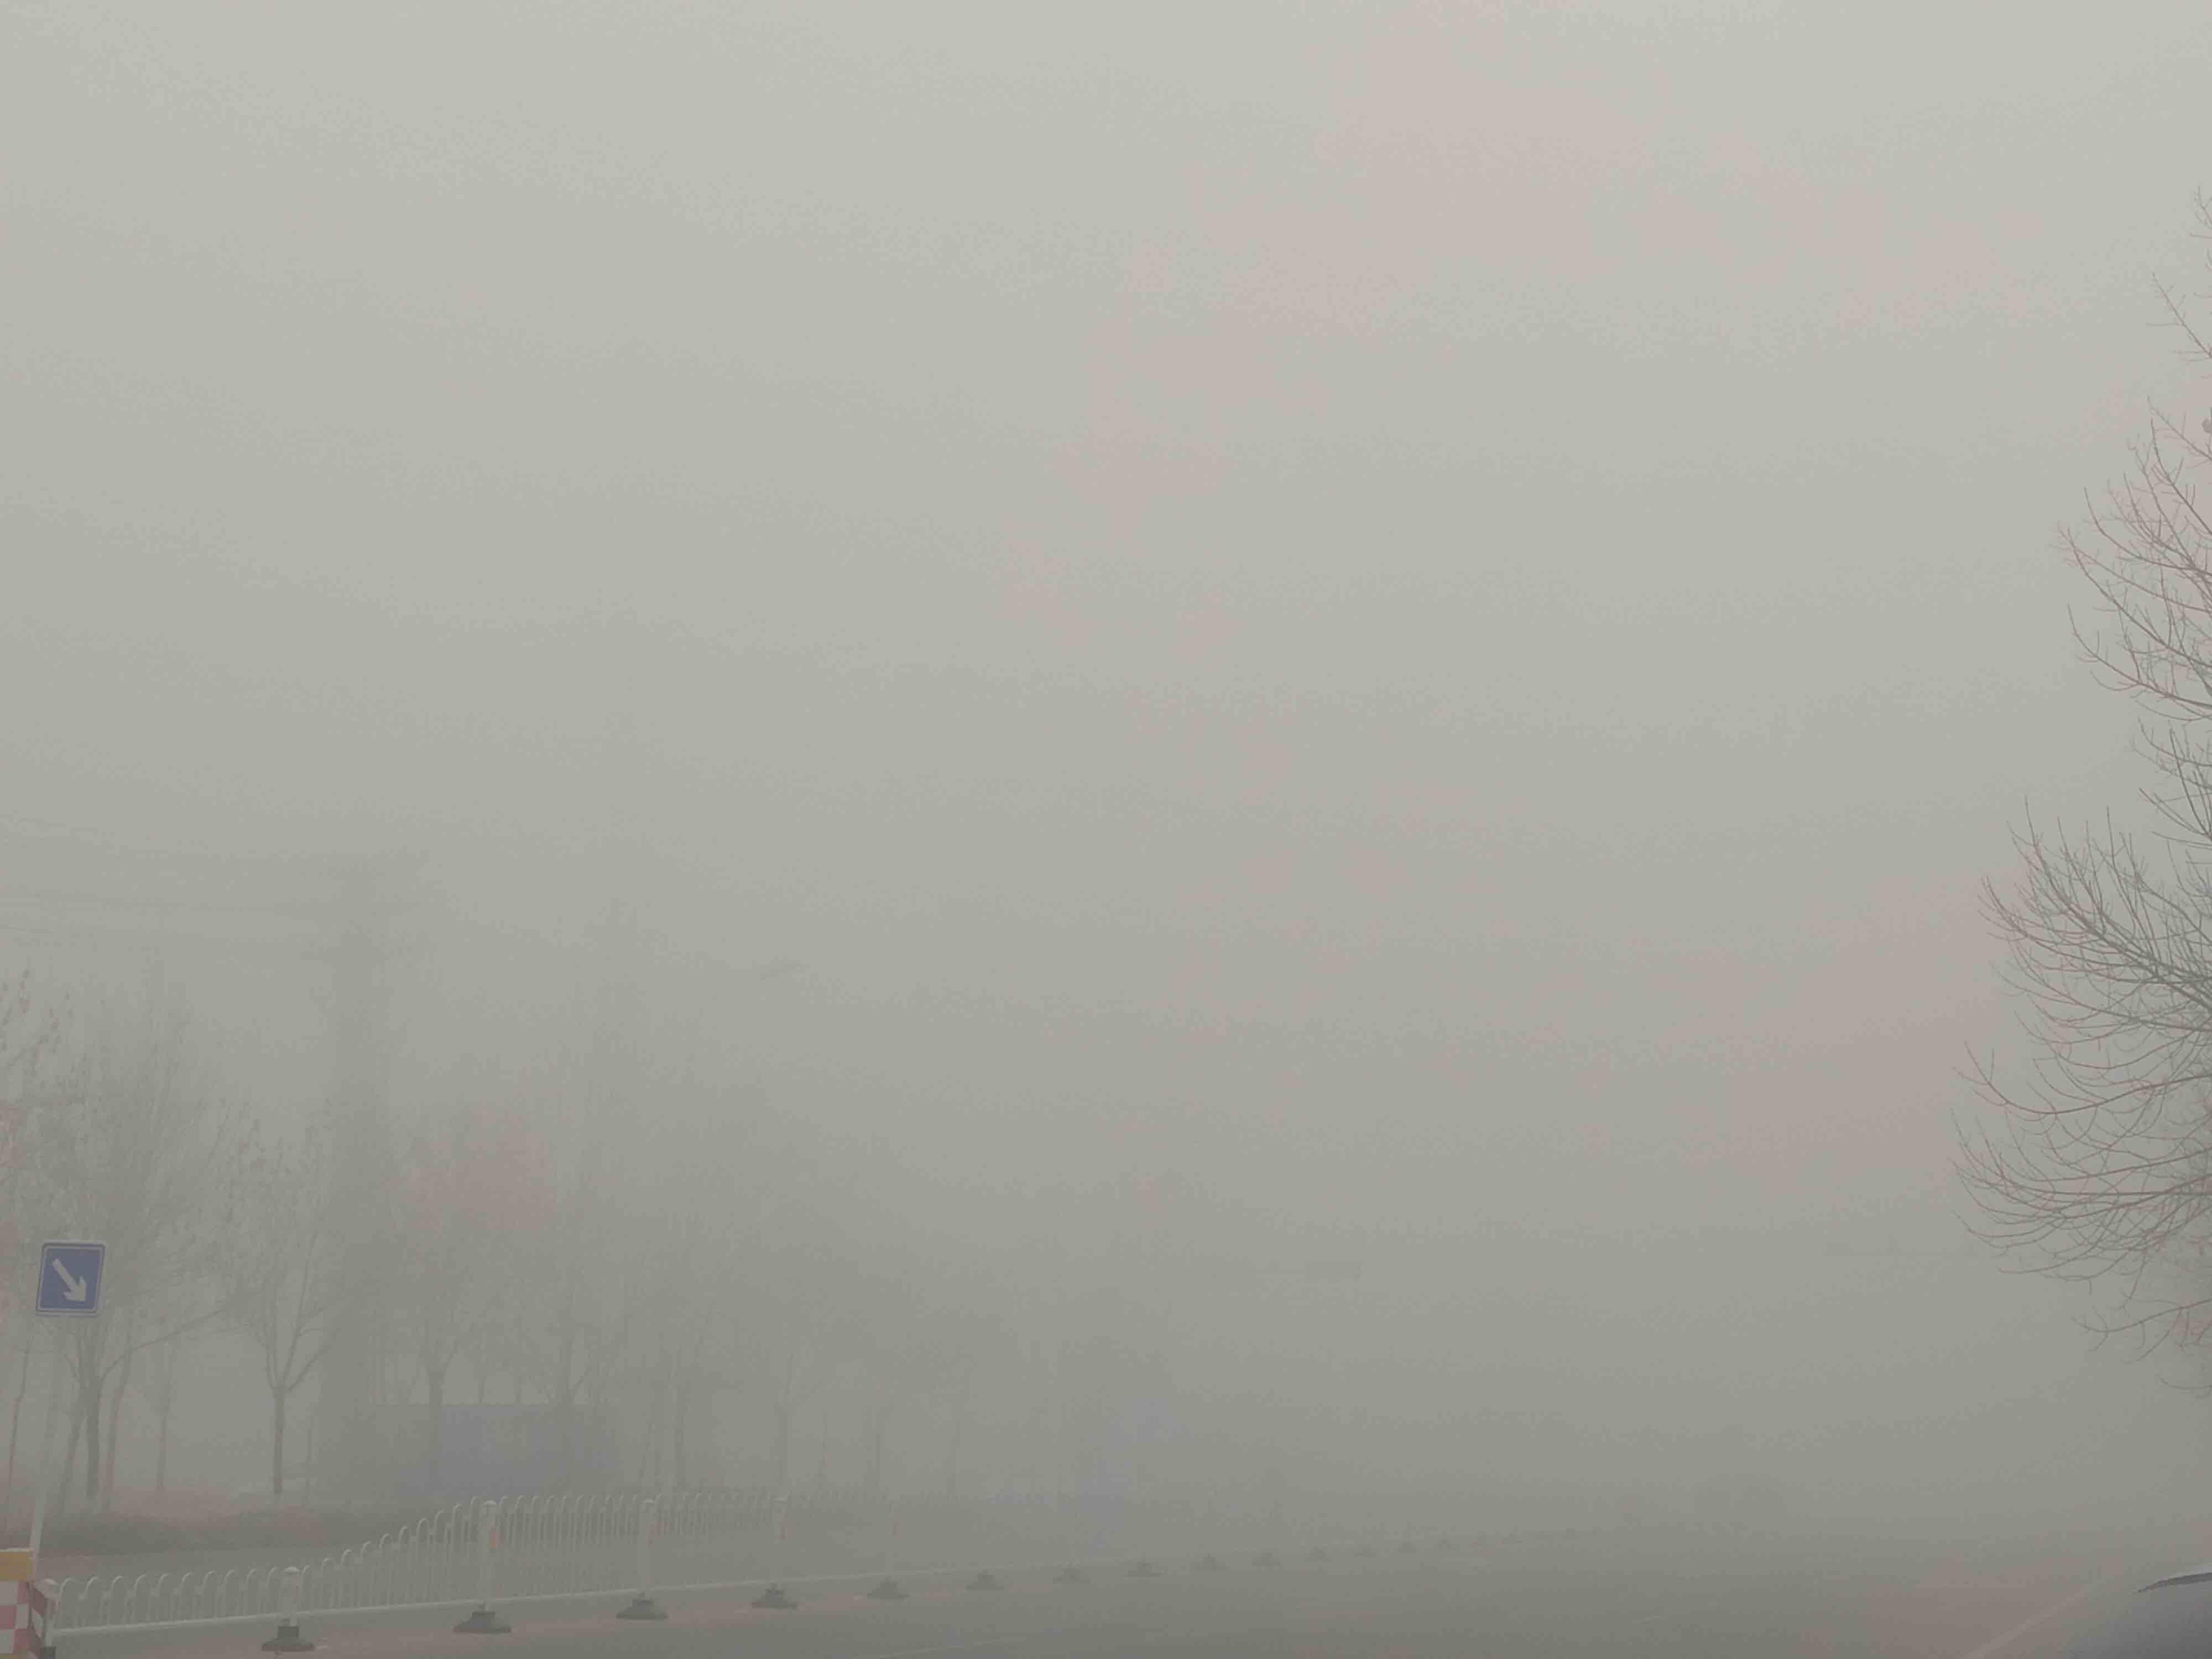 海丽气象吧|预警再次升级!山东再次发布大雾红色预警 11市出现特强浓雾